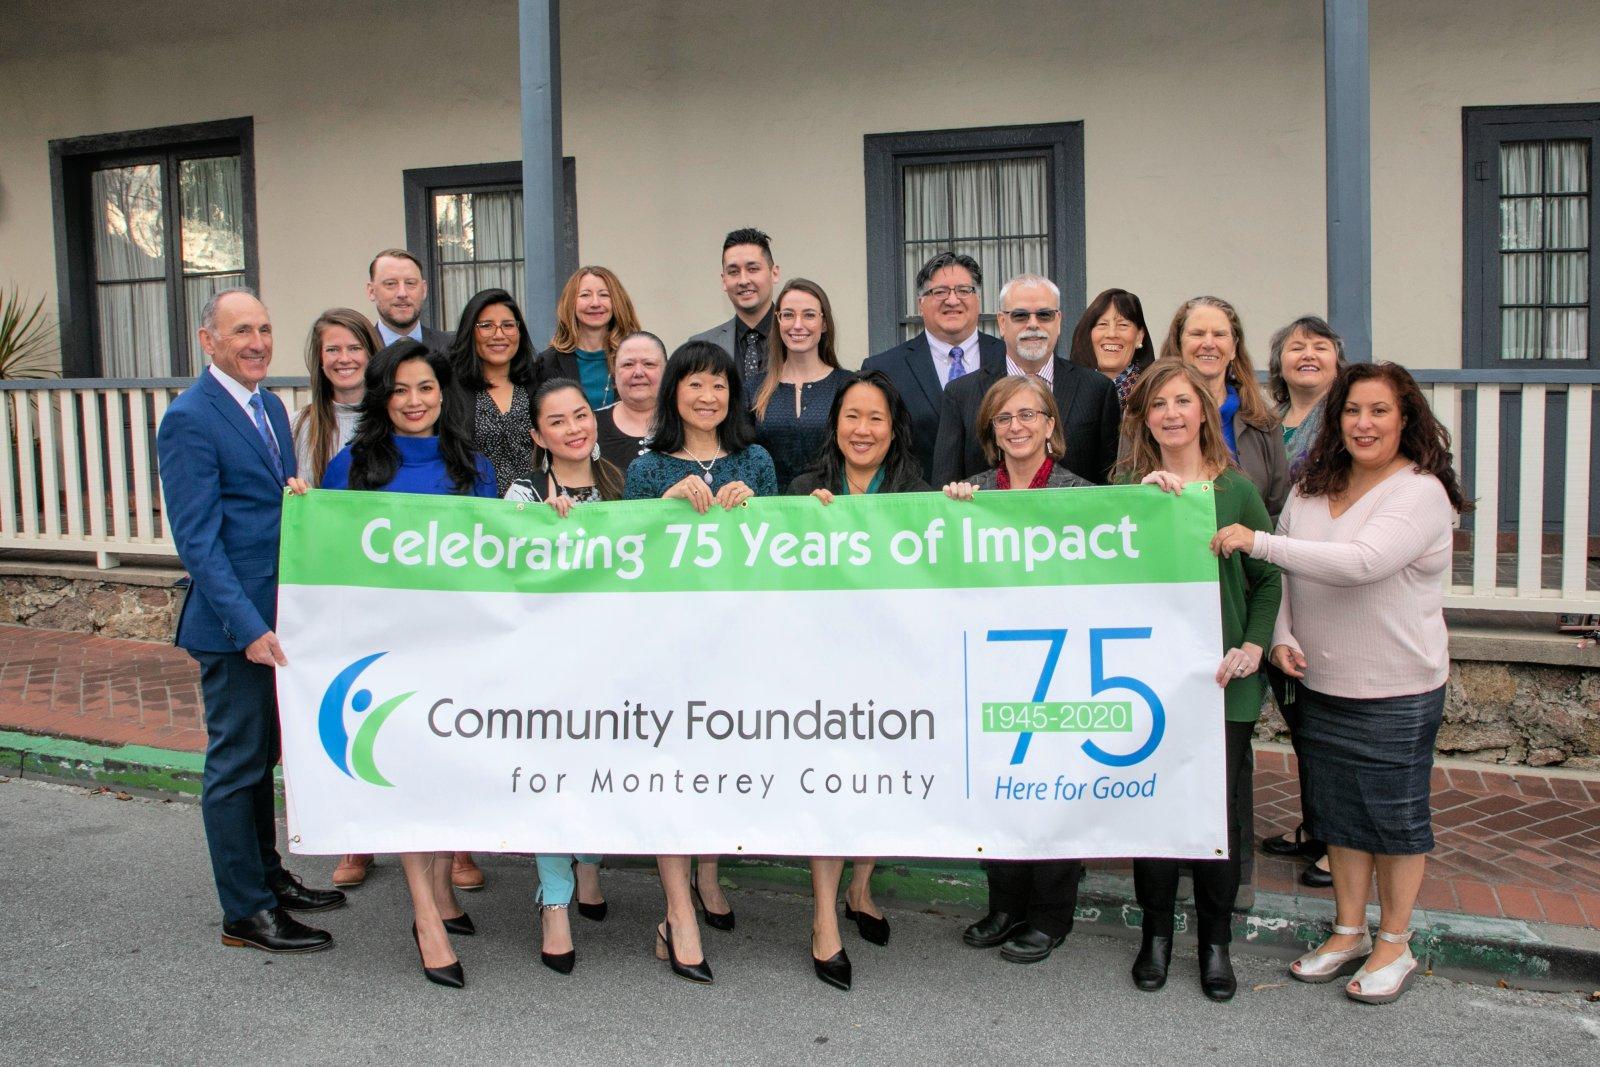 75 Years of Impact